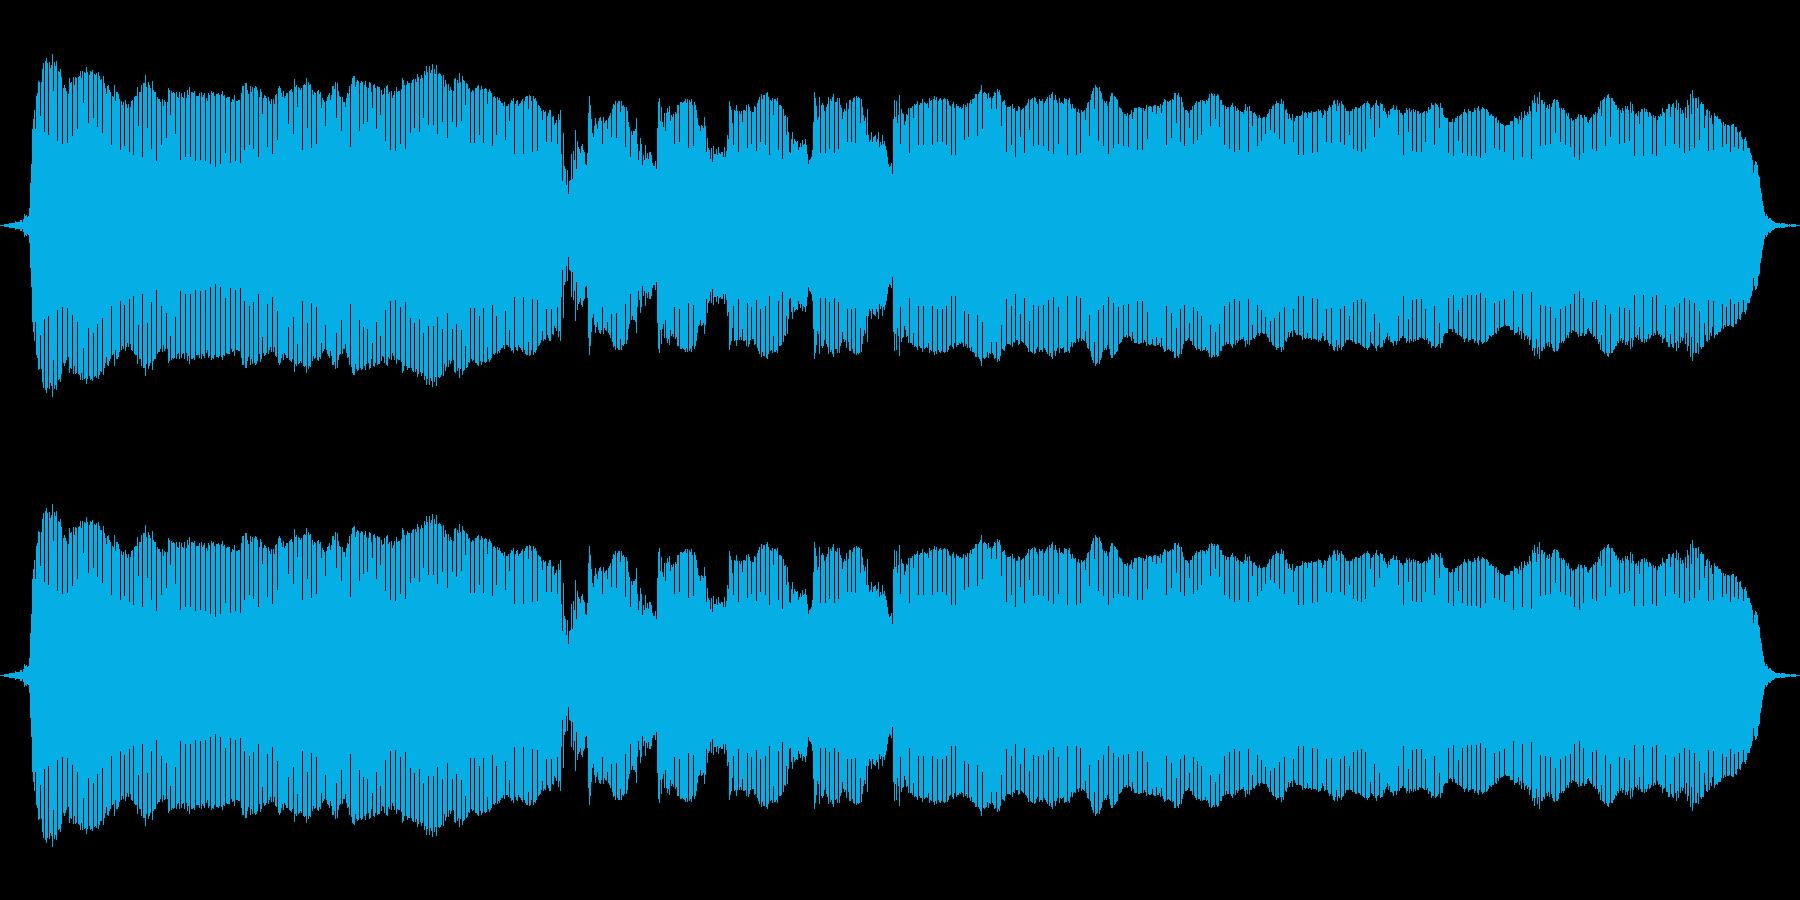 こぶし01(D#)の再生済みの波形